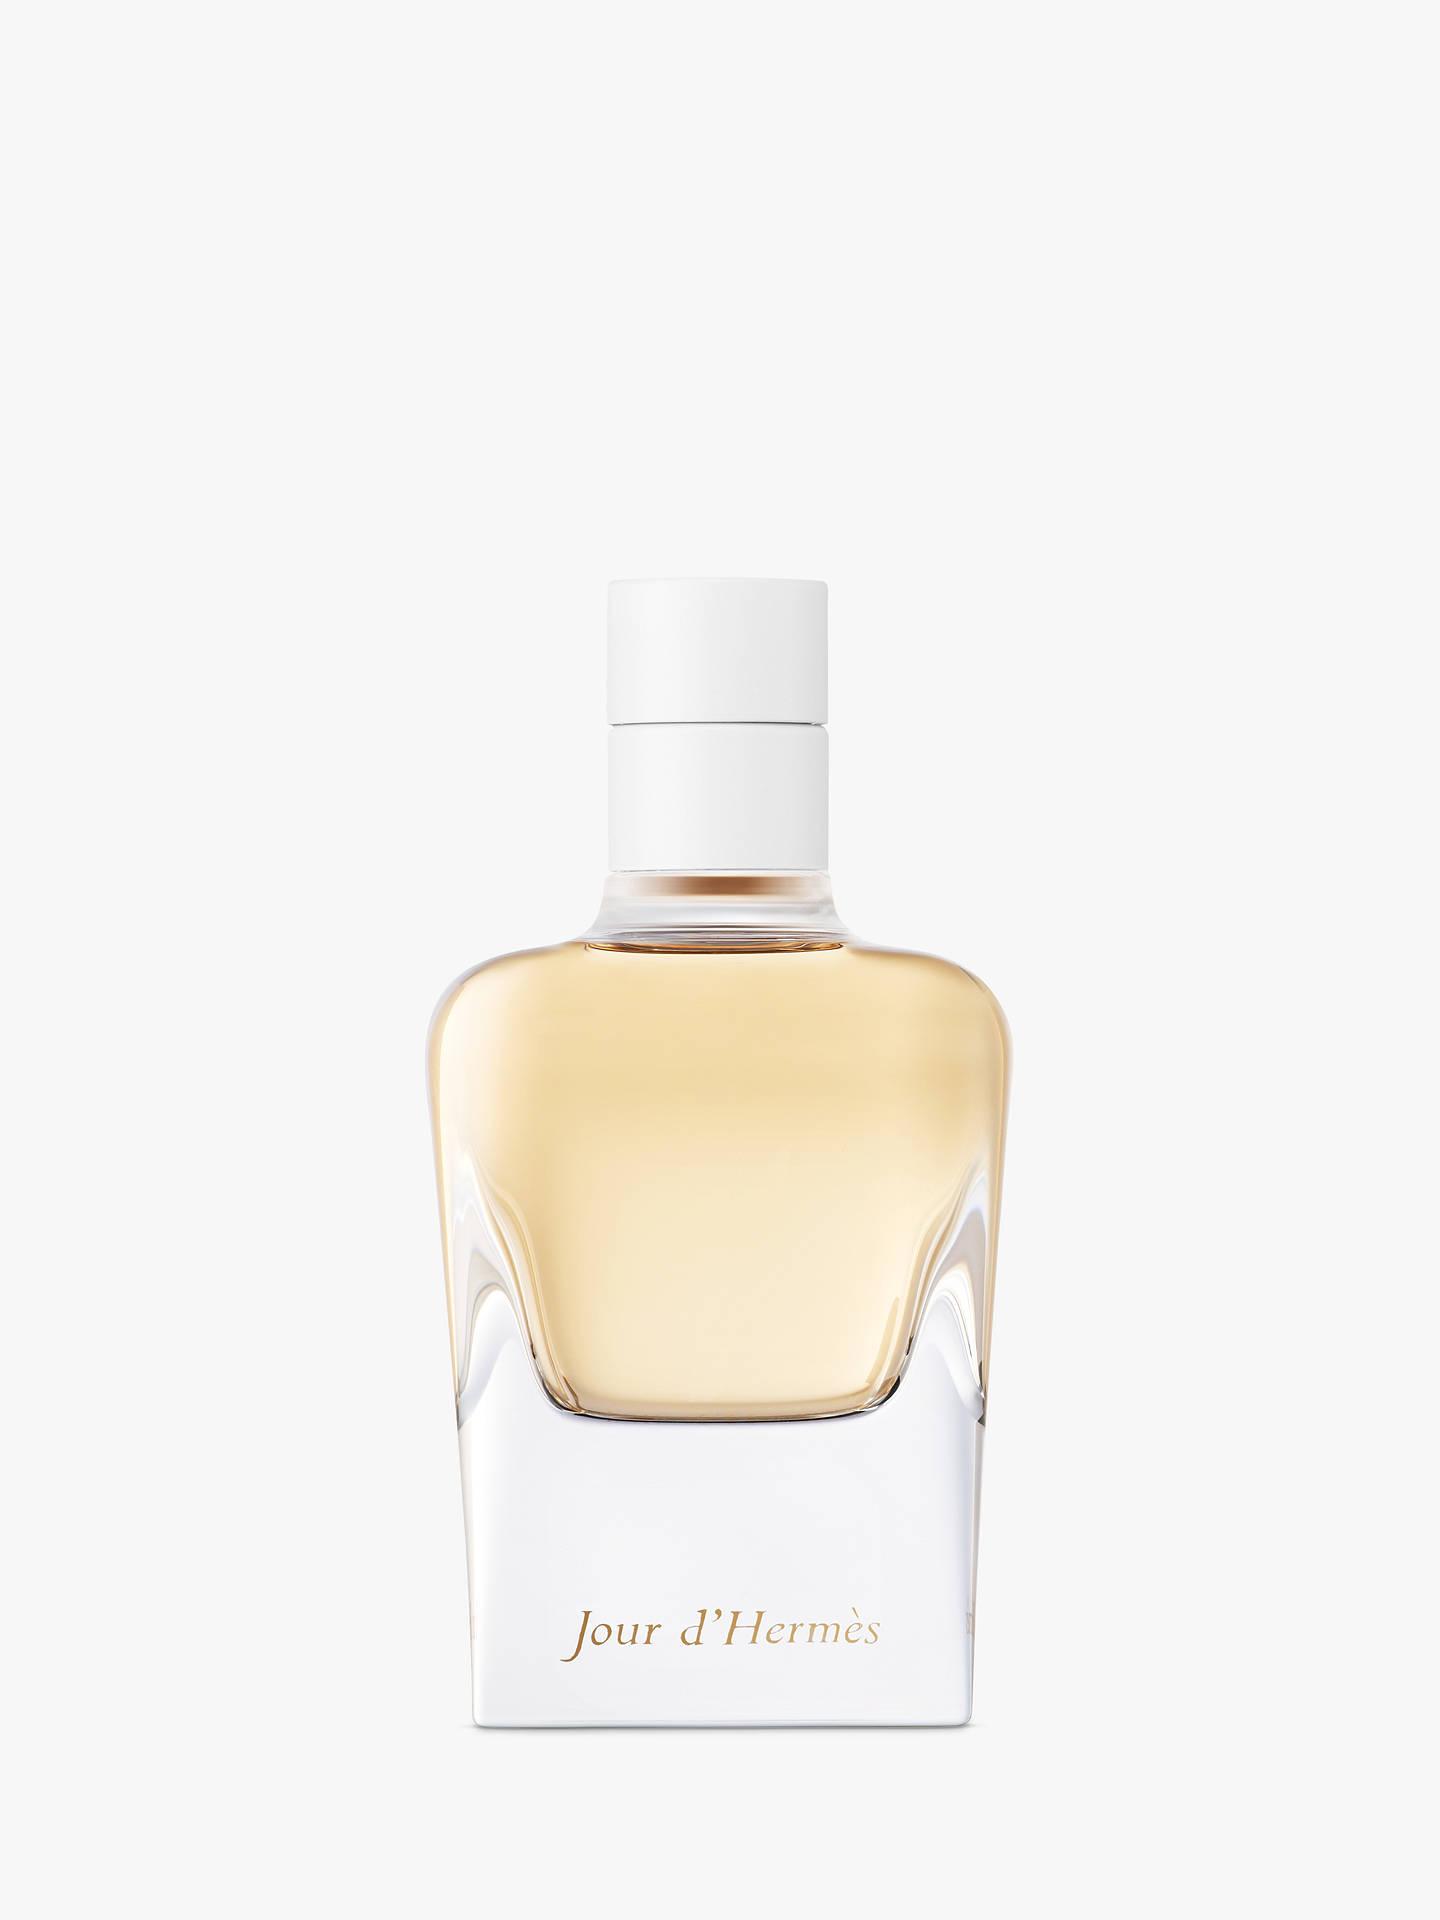 Hermès Jour Dhermès Eau De Parfum 85ml At John Lewis Partners